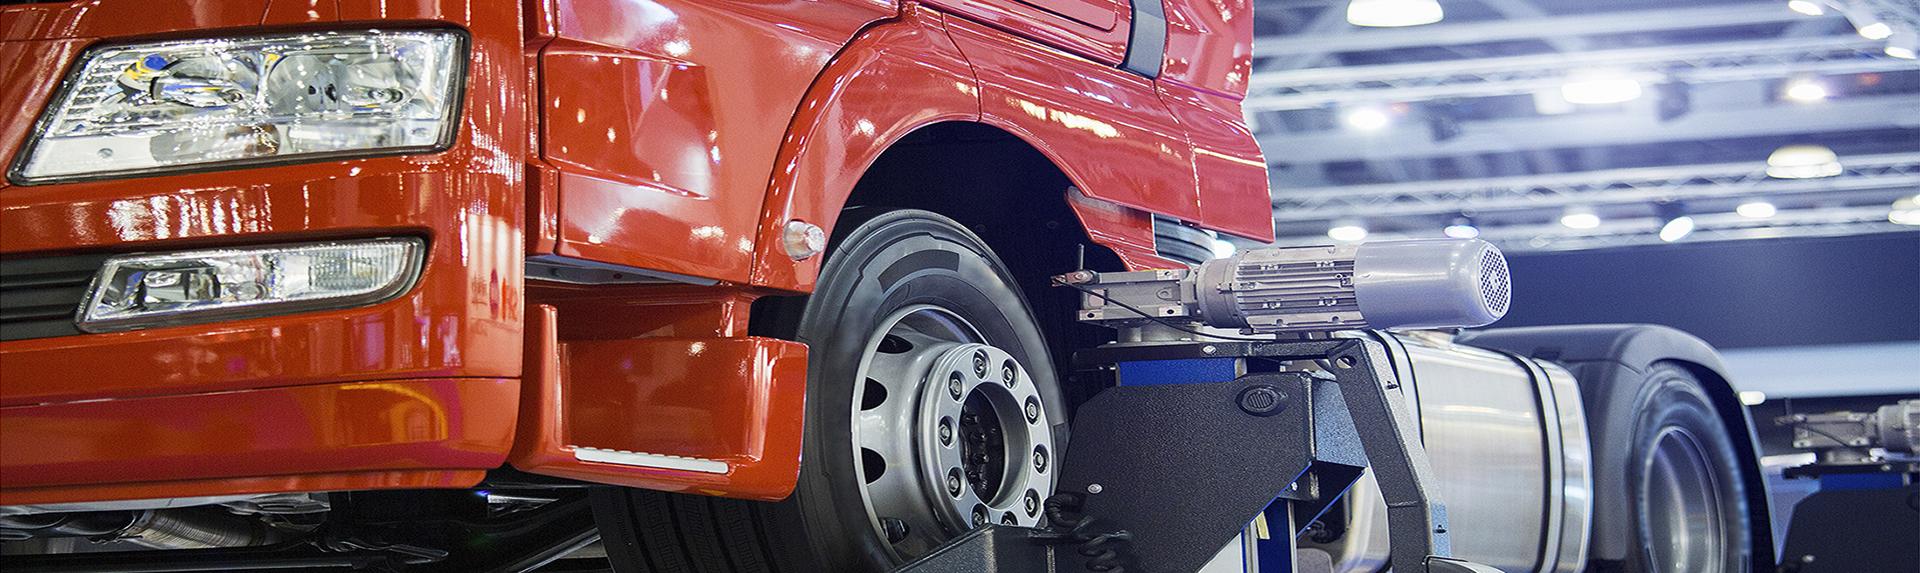 Кузовной ремонт тяжелых грузовиков